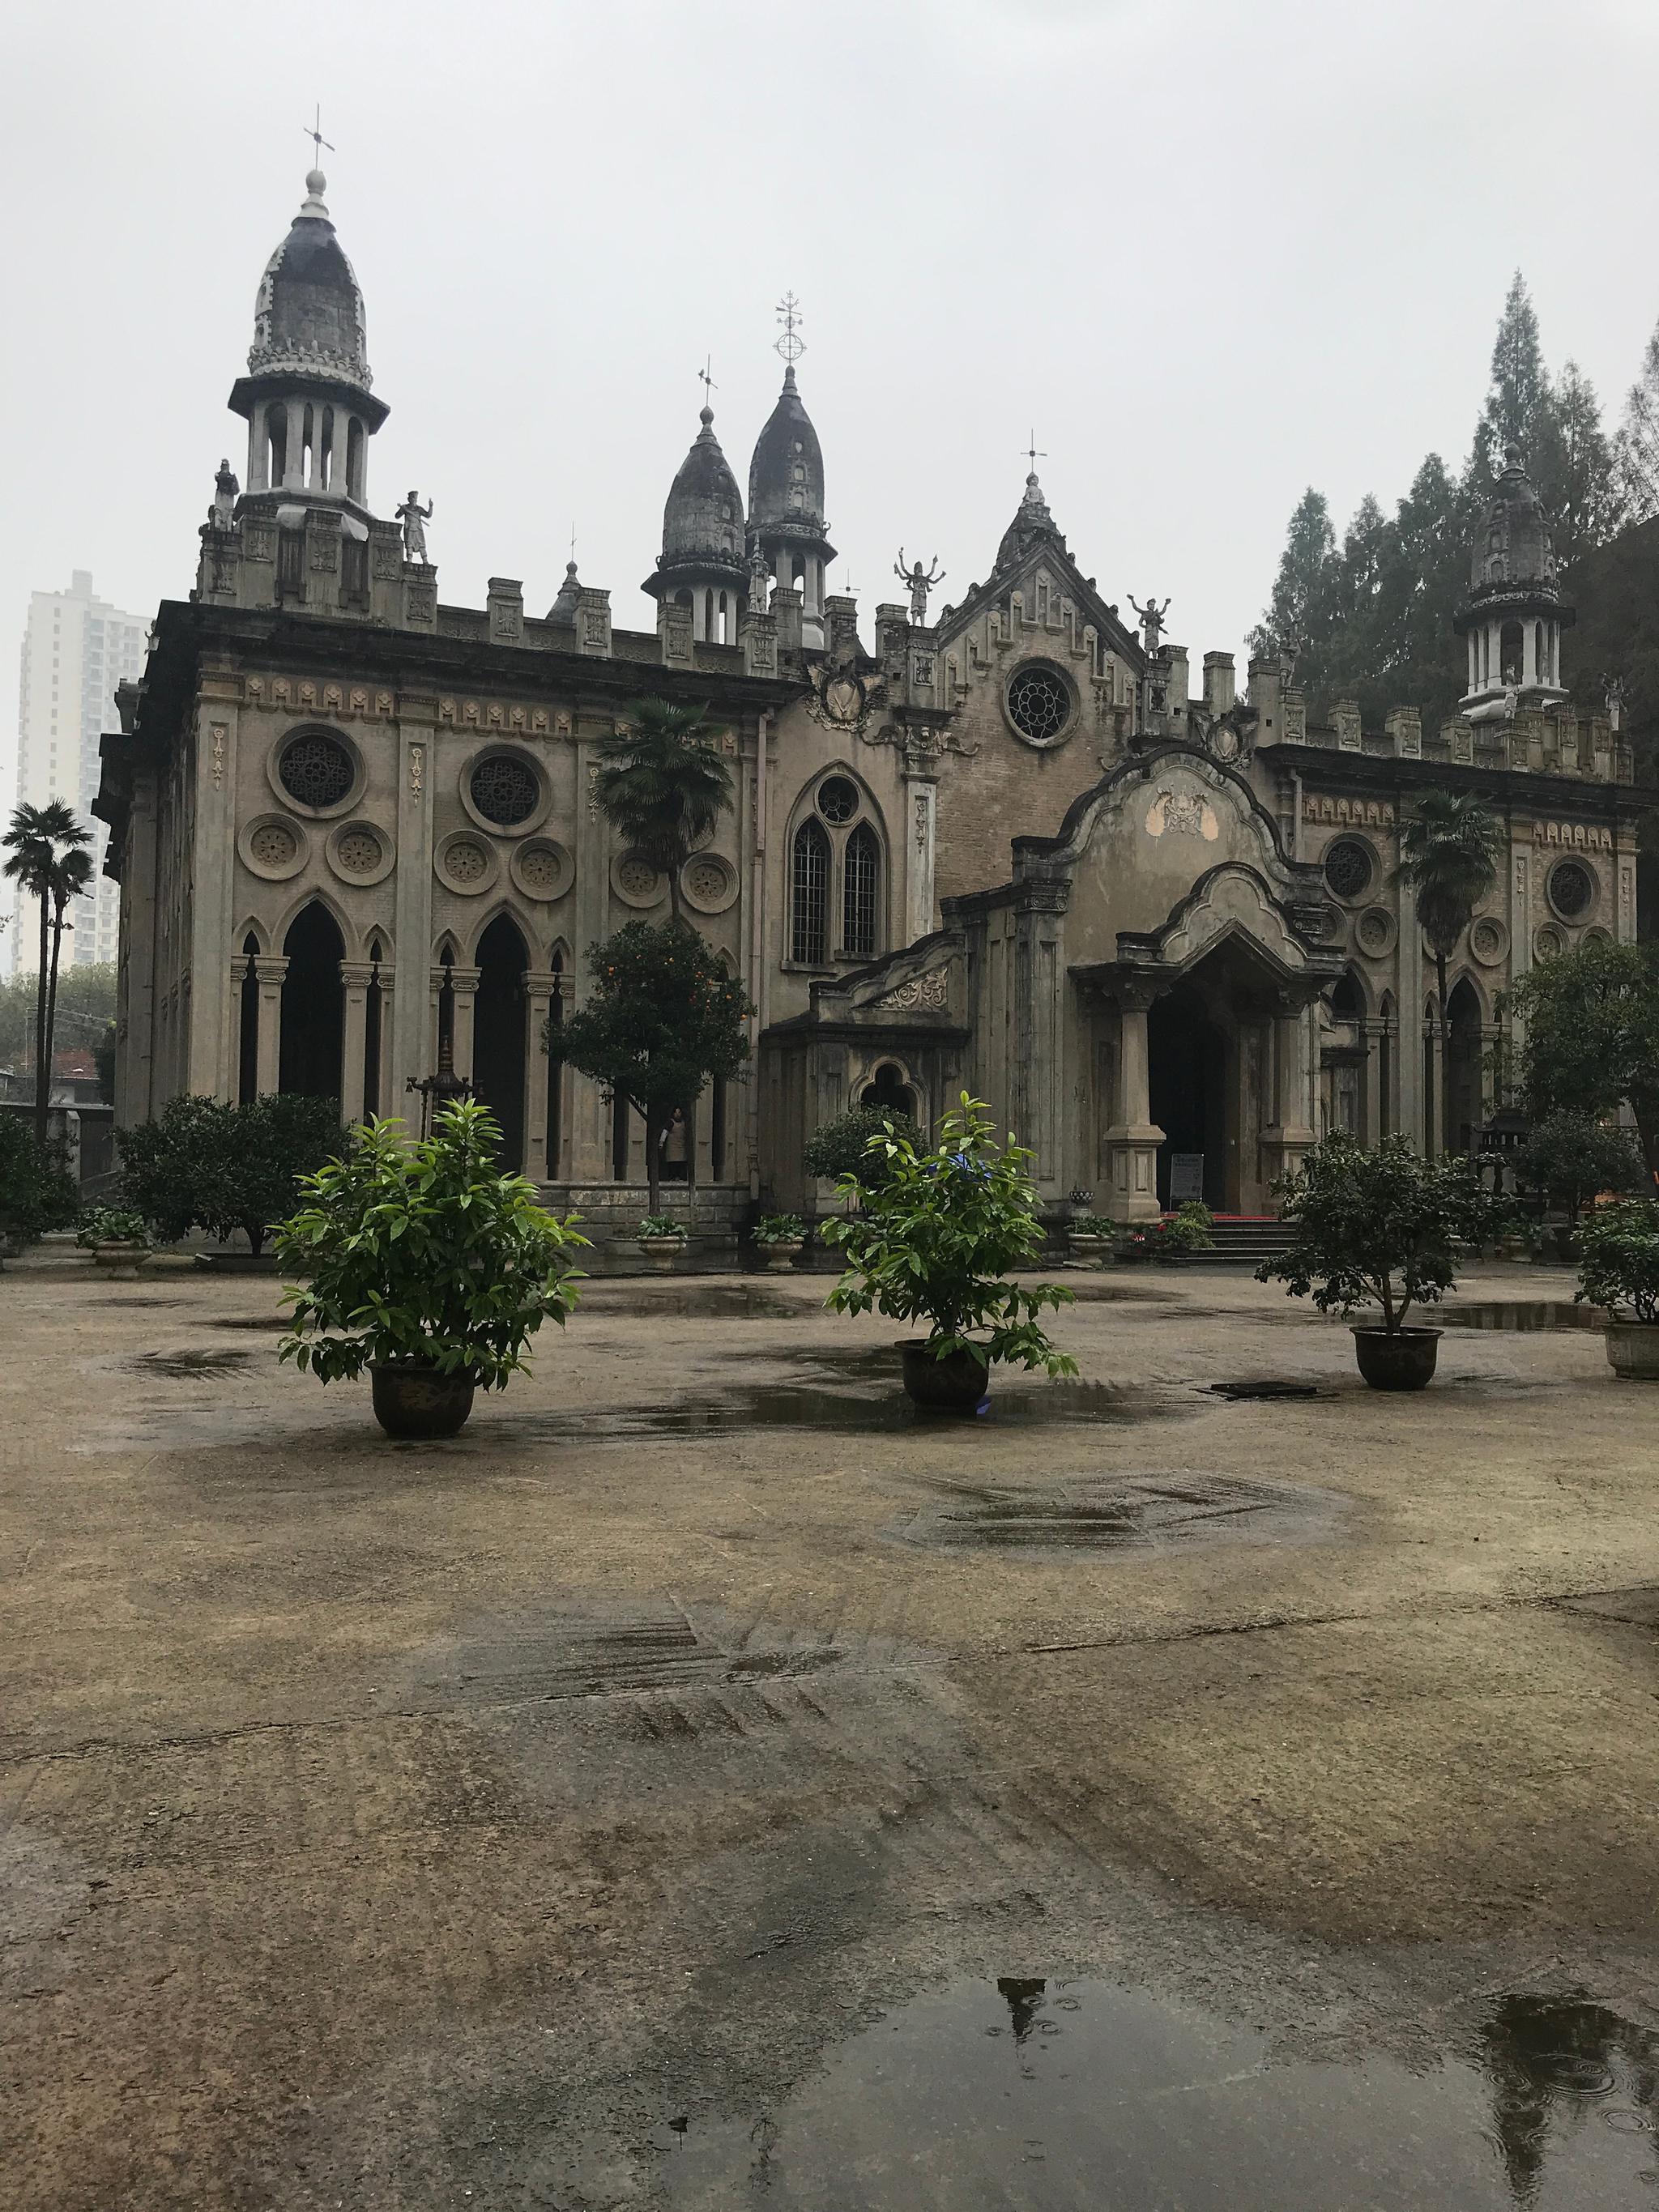 小雨中游览 武汉古德寺 国保七批   汉传佛教寺院 特殊的建筑风格